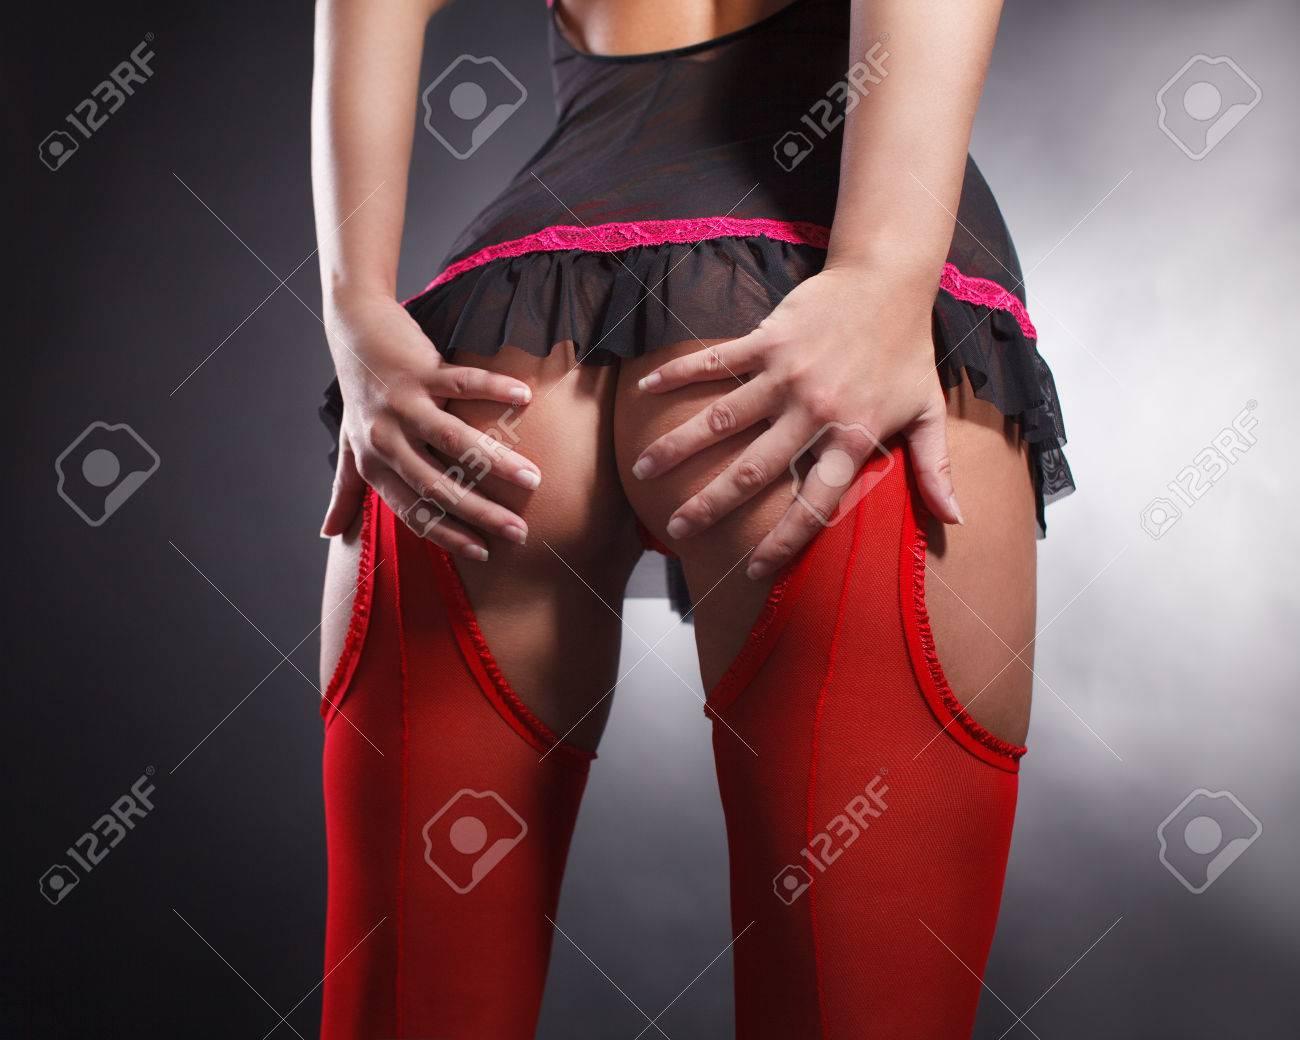 butt girls in underwear - 23320267